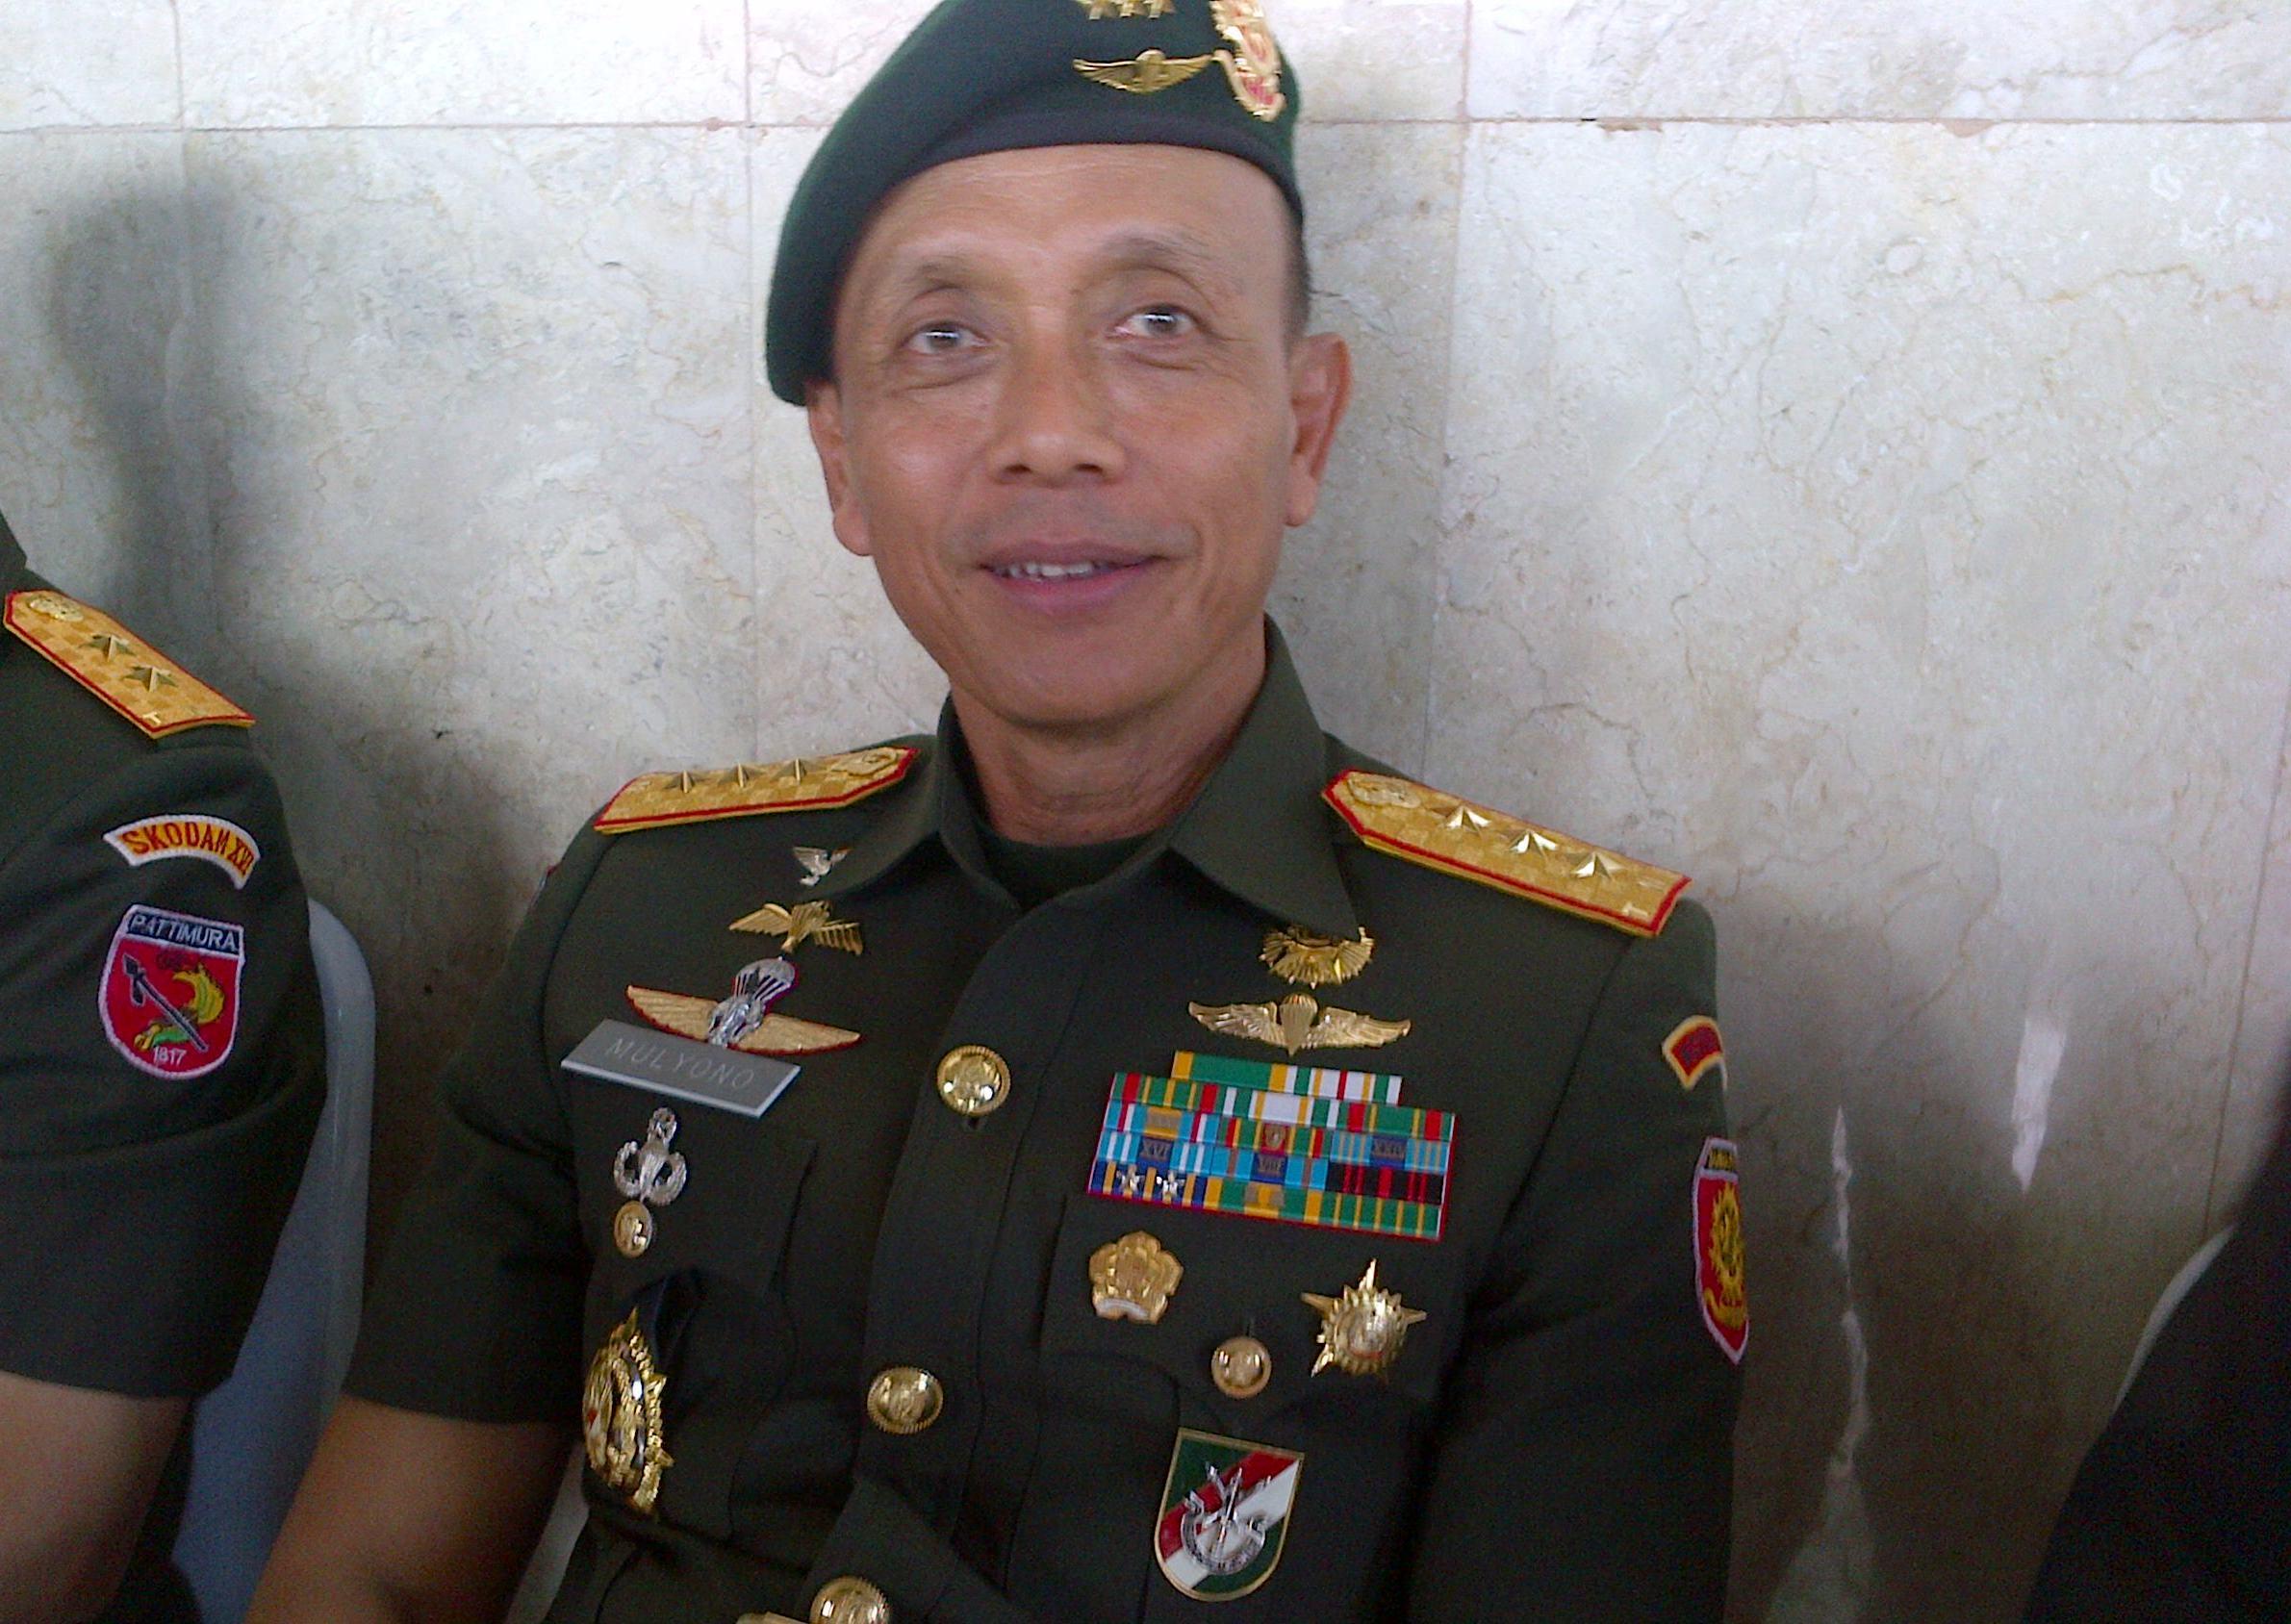 MUTASI TNI : Dilantik Jadi KSAD, Mulyono Bersumpah Takkan Terima Gratifikasi